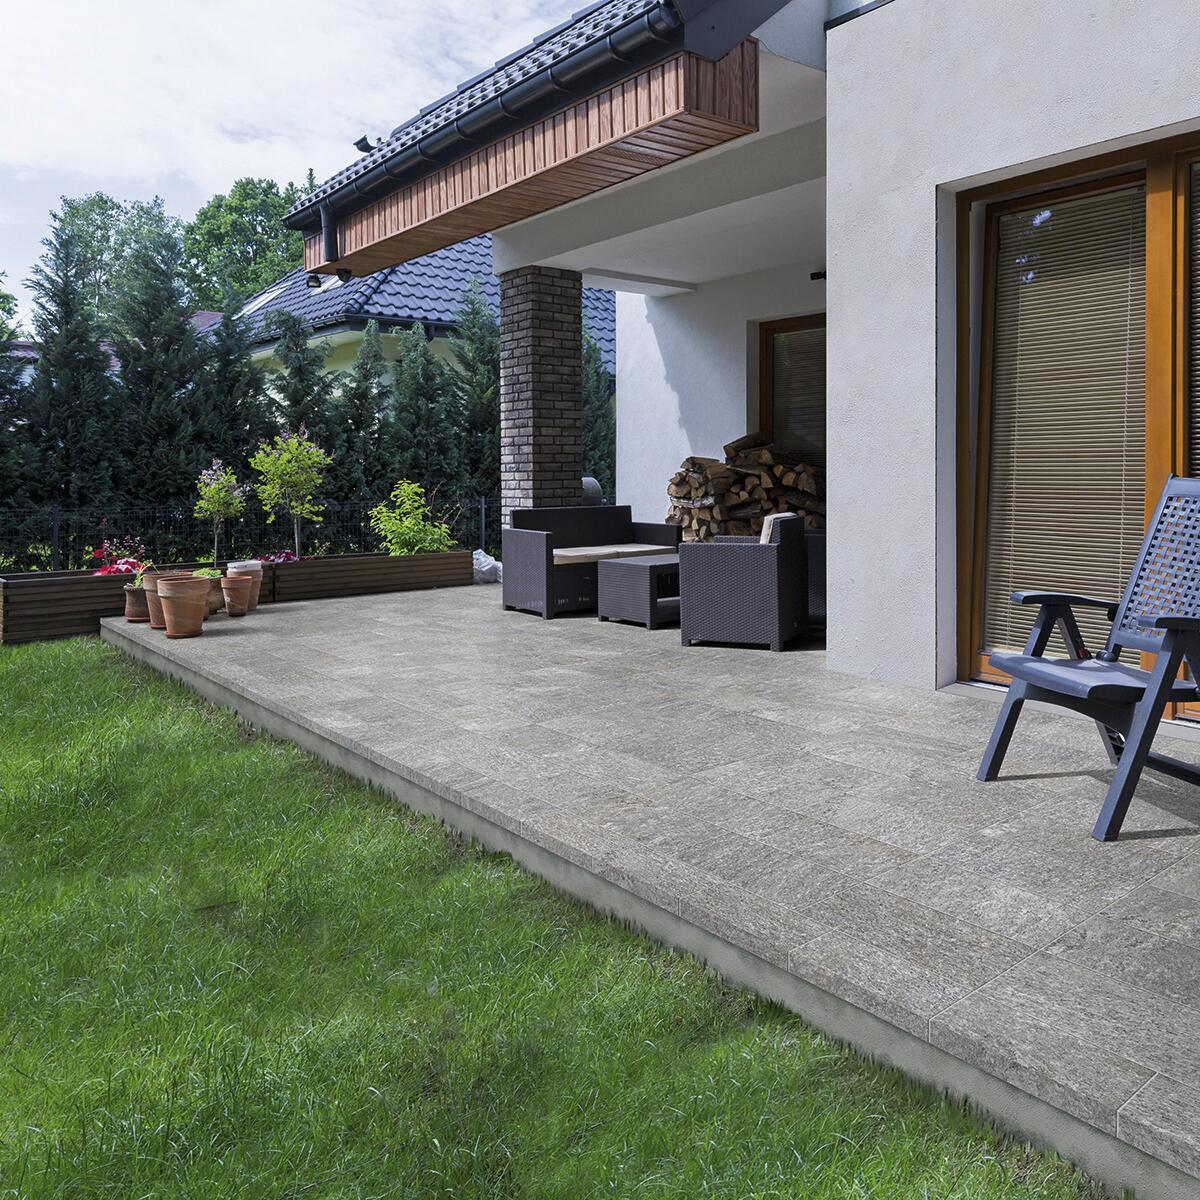 Piastrella Rocce Serizzo 20 x 40 cm sp. 8.5 mm PEI 4/5 grigio - 1